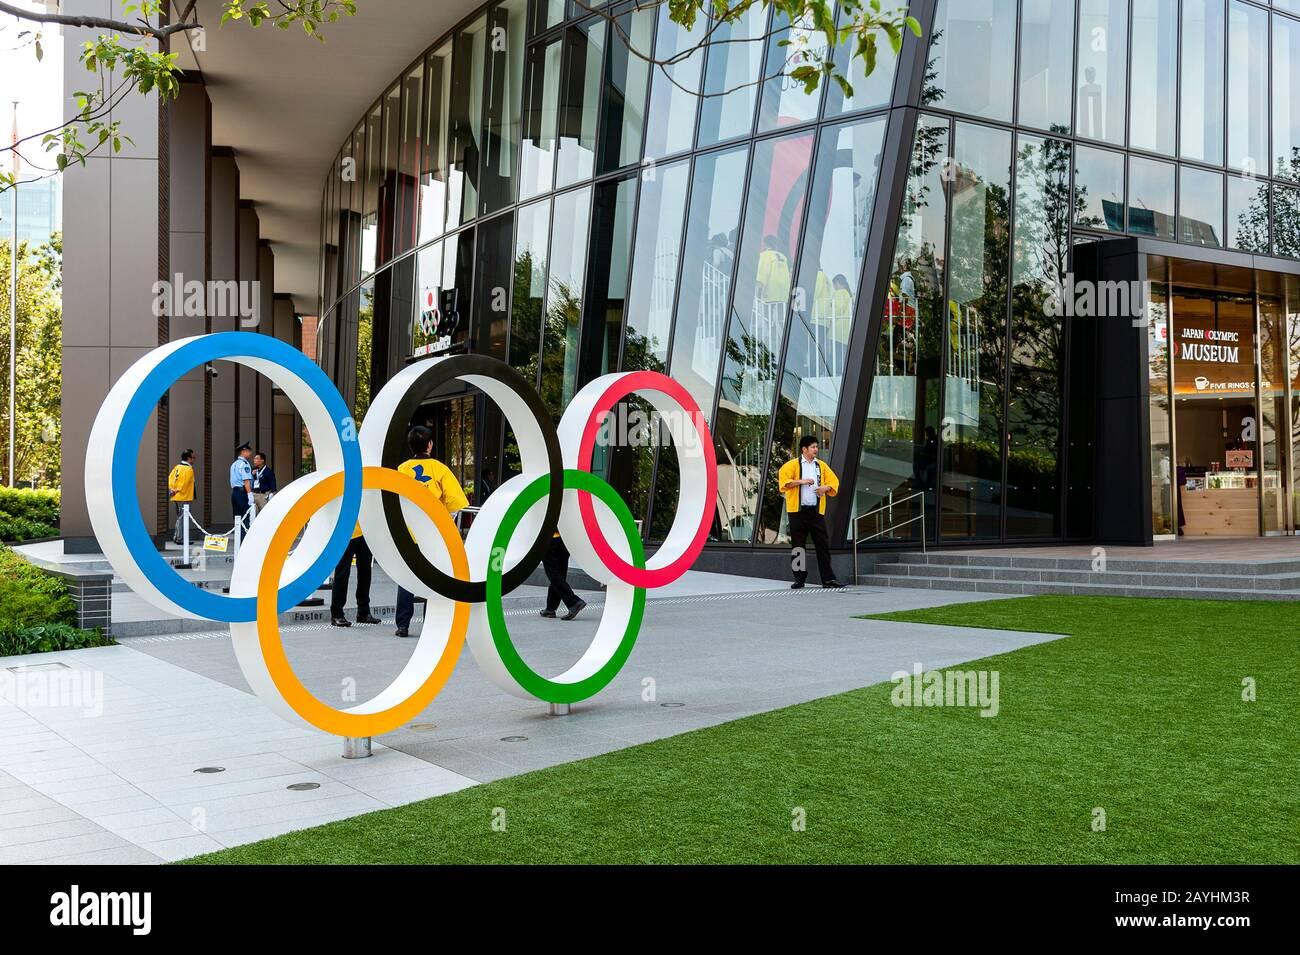 Les Anneaux Olympiques À L'Extérieur Du Musée Olympique Du Japon La Place Olympique Du Sport Du Japon Tokyo Banque D'Images